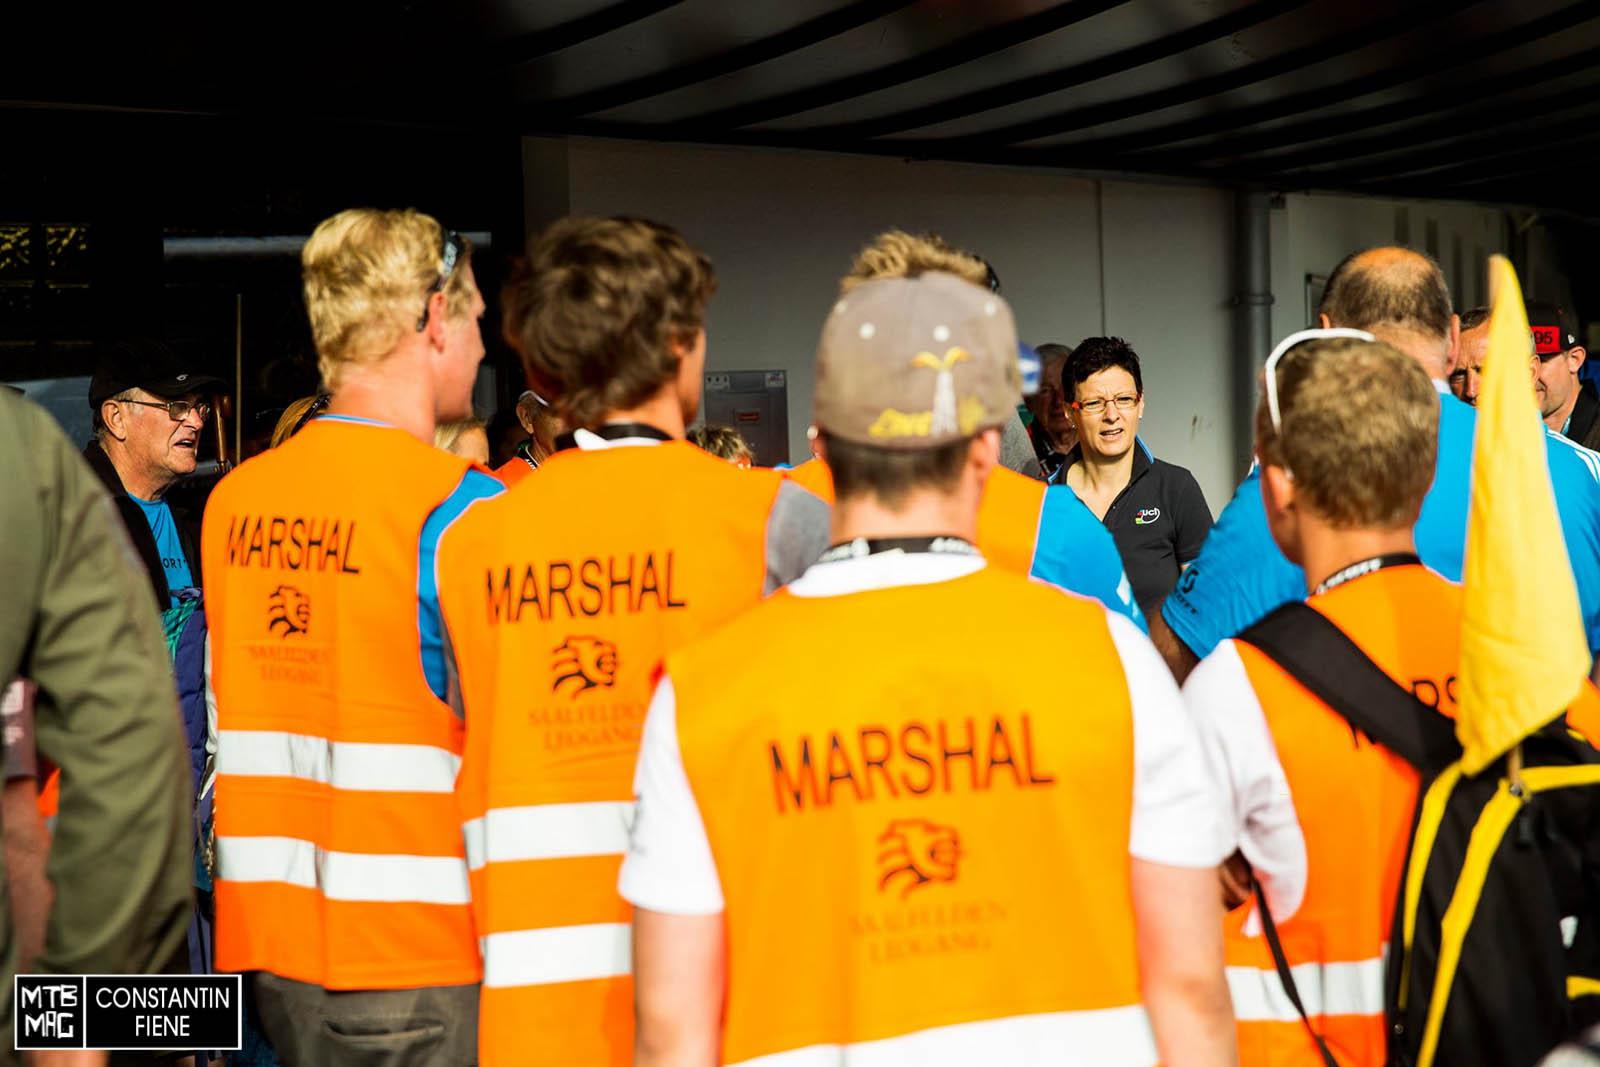 Marshal- Lehrgang durch die UCI in den frühen Morgenstunden.